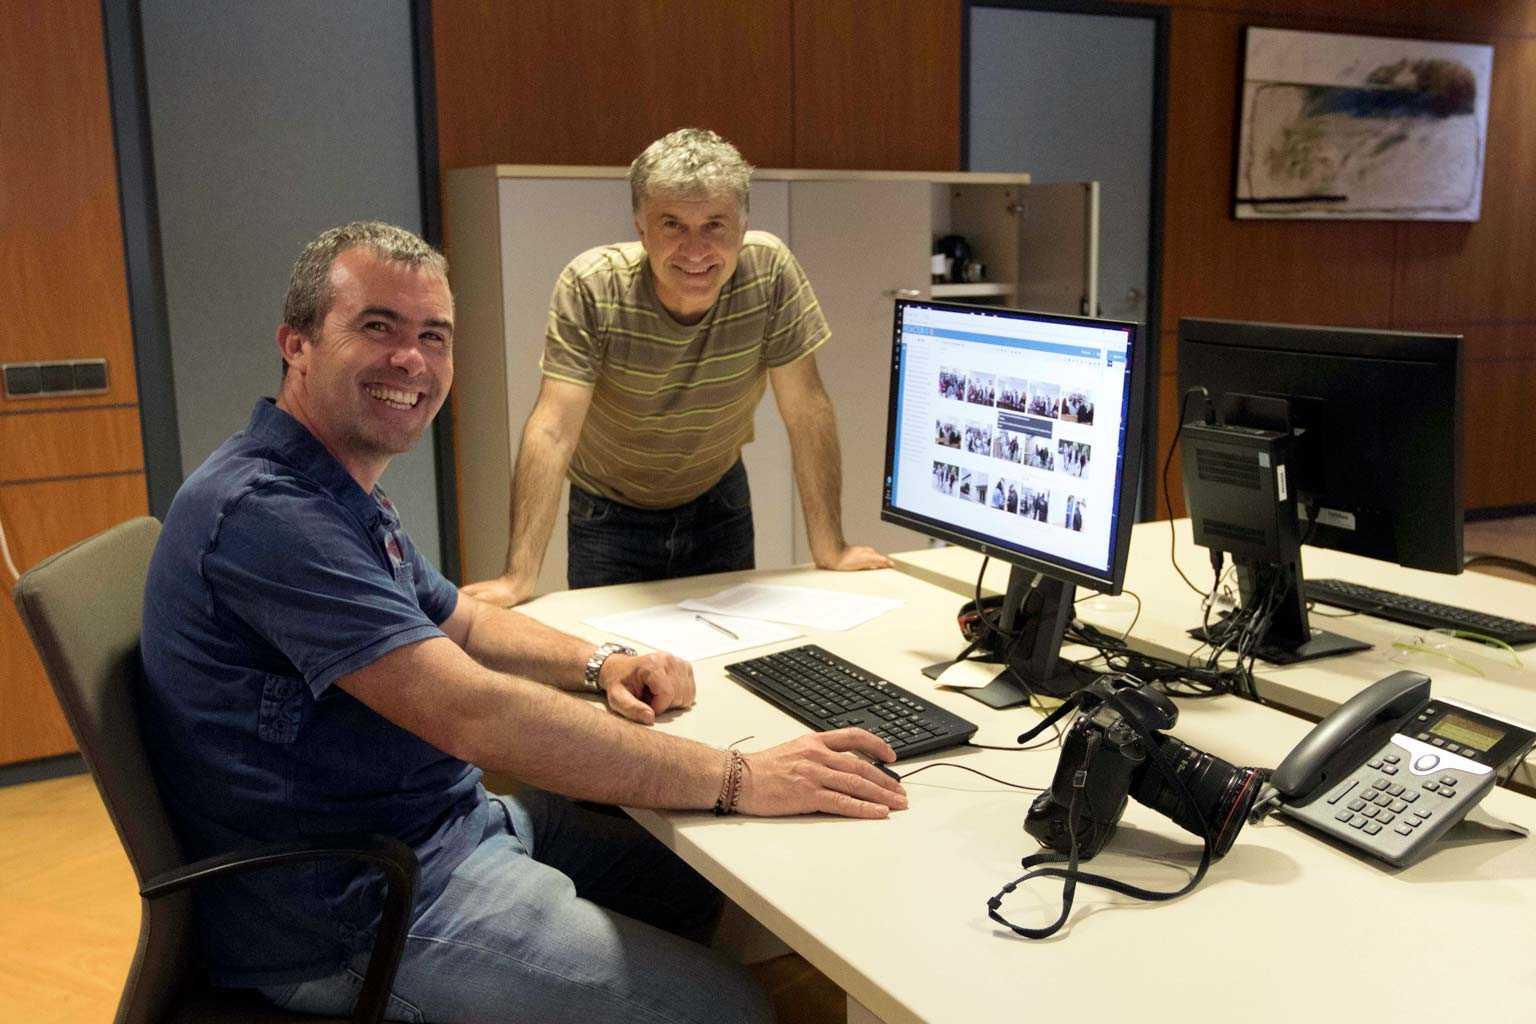 Los fotógrafos Vicent Marí y Juan A. Riera, en las mesas de trabajo del departamento de fotografía. DANIEL AZAGRA